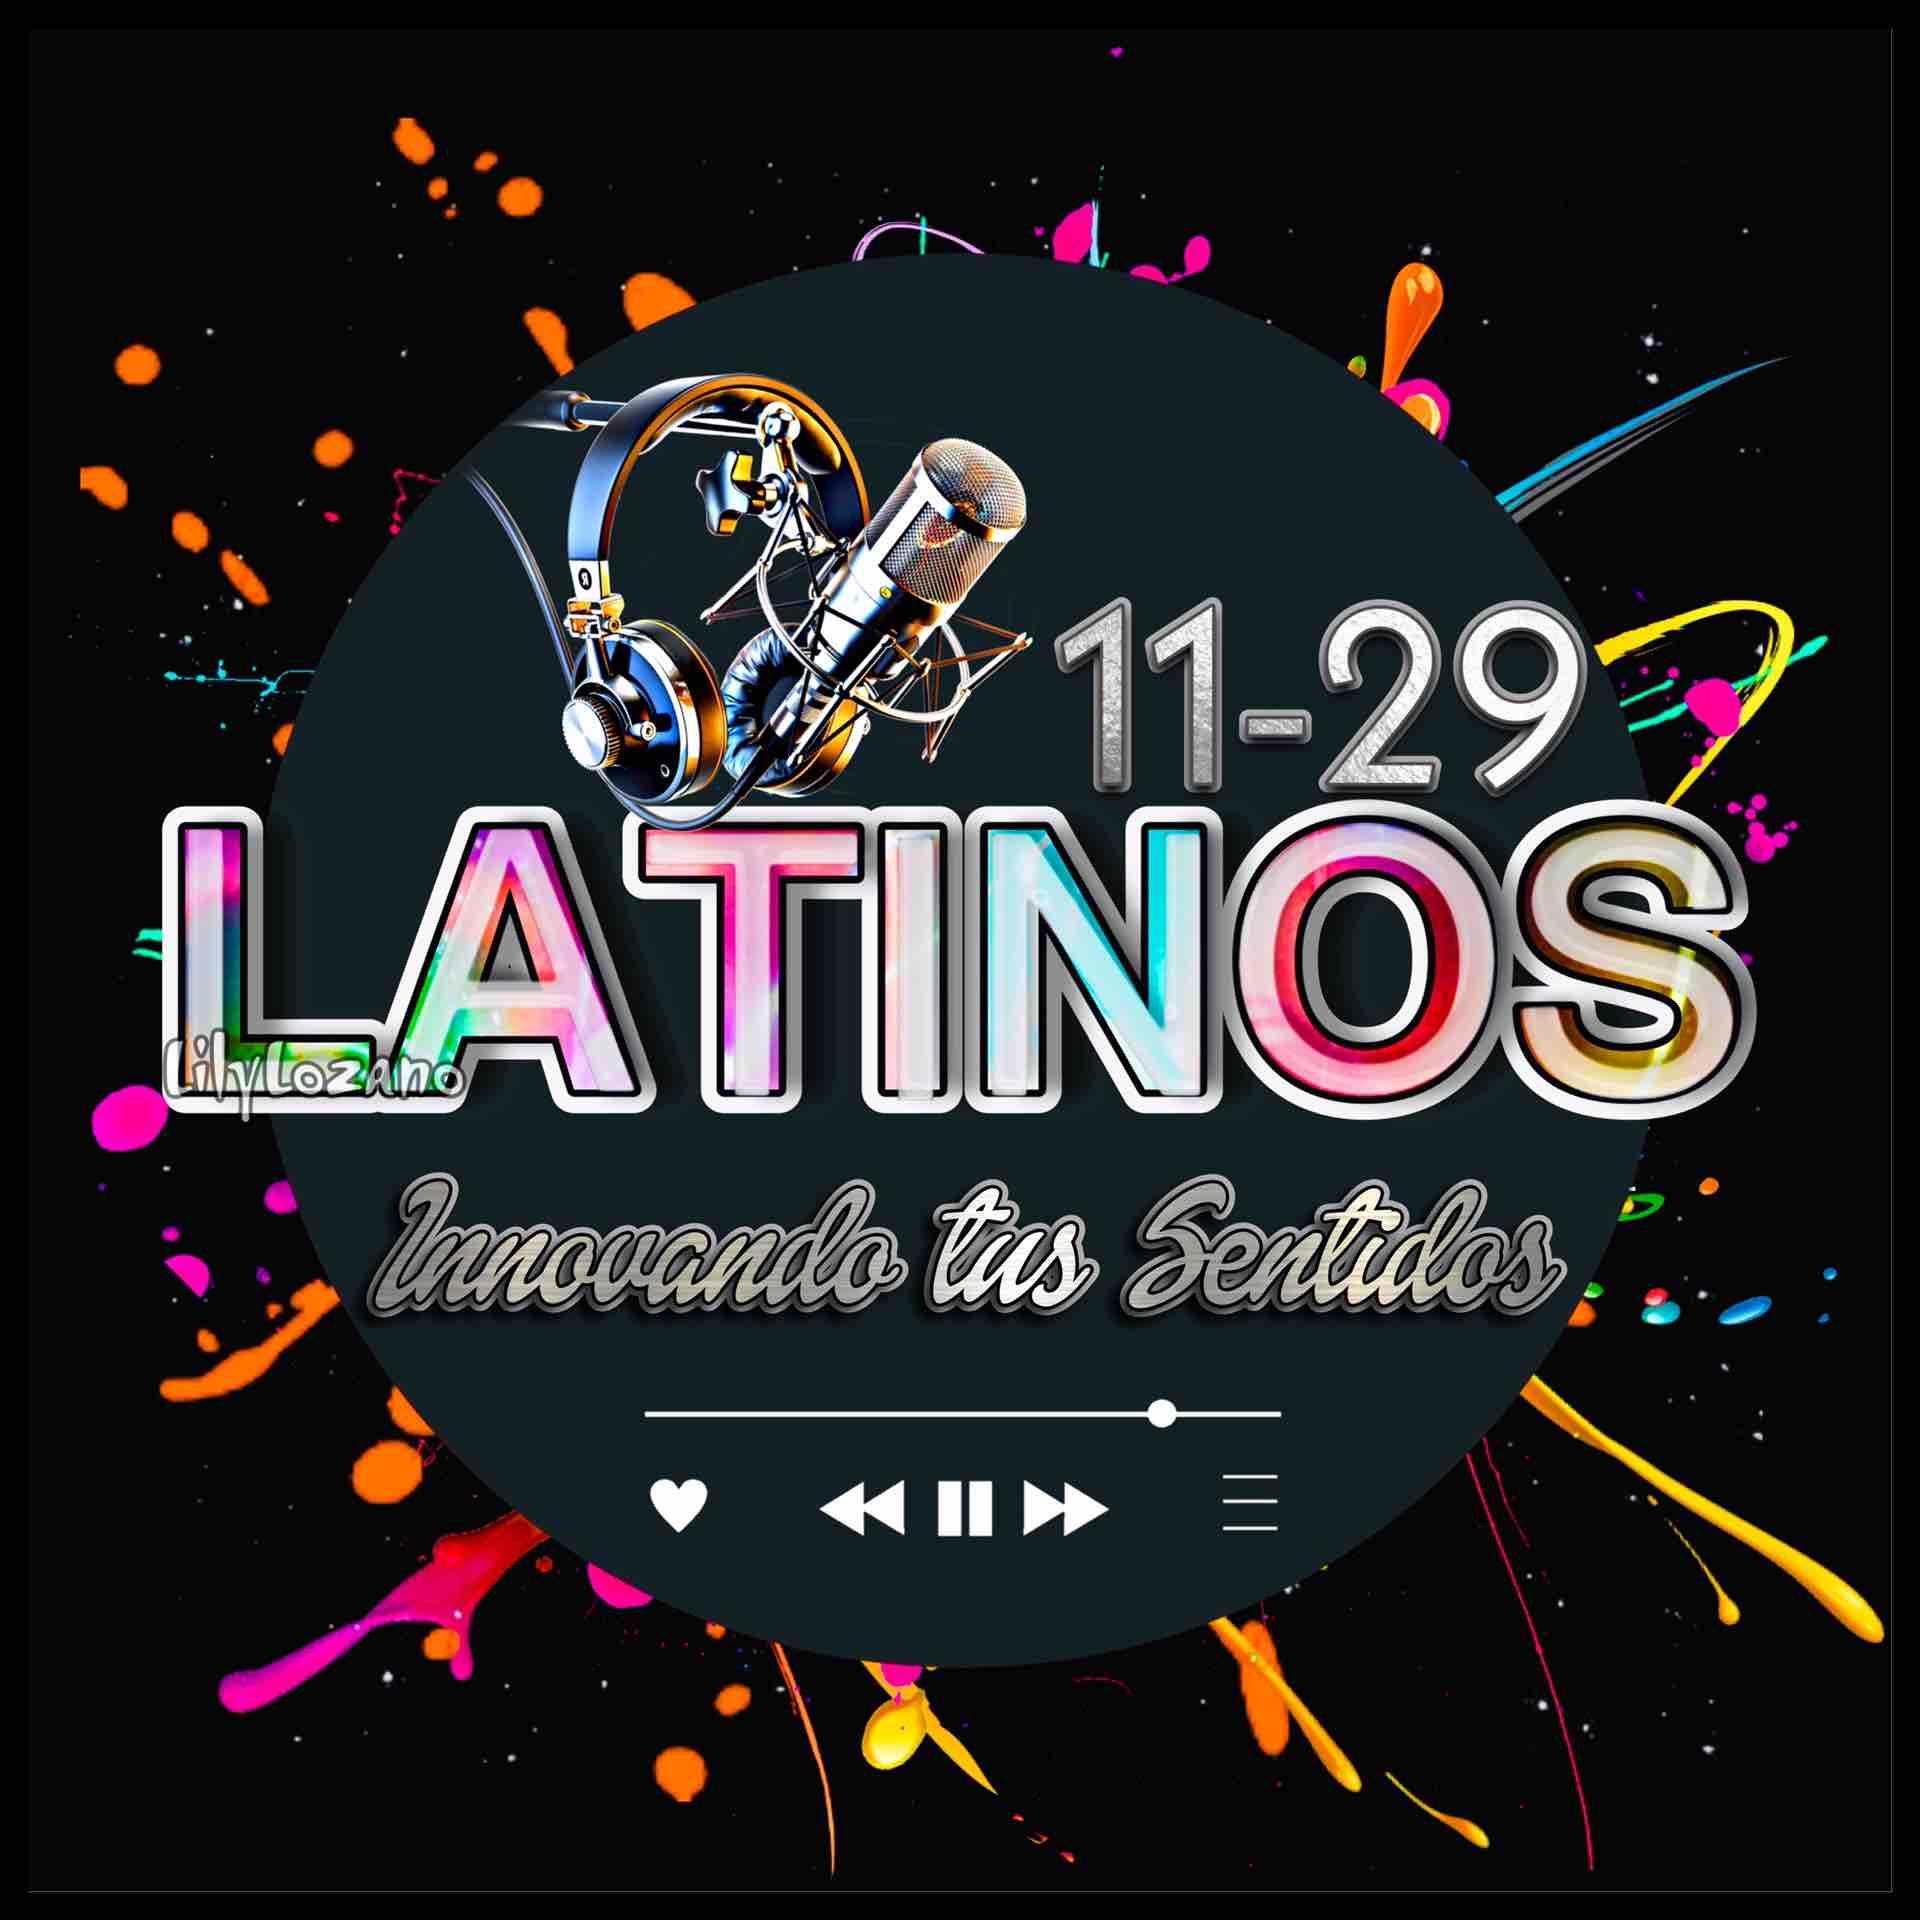 Latinos1129